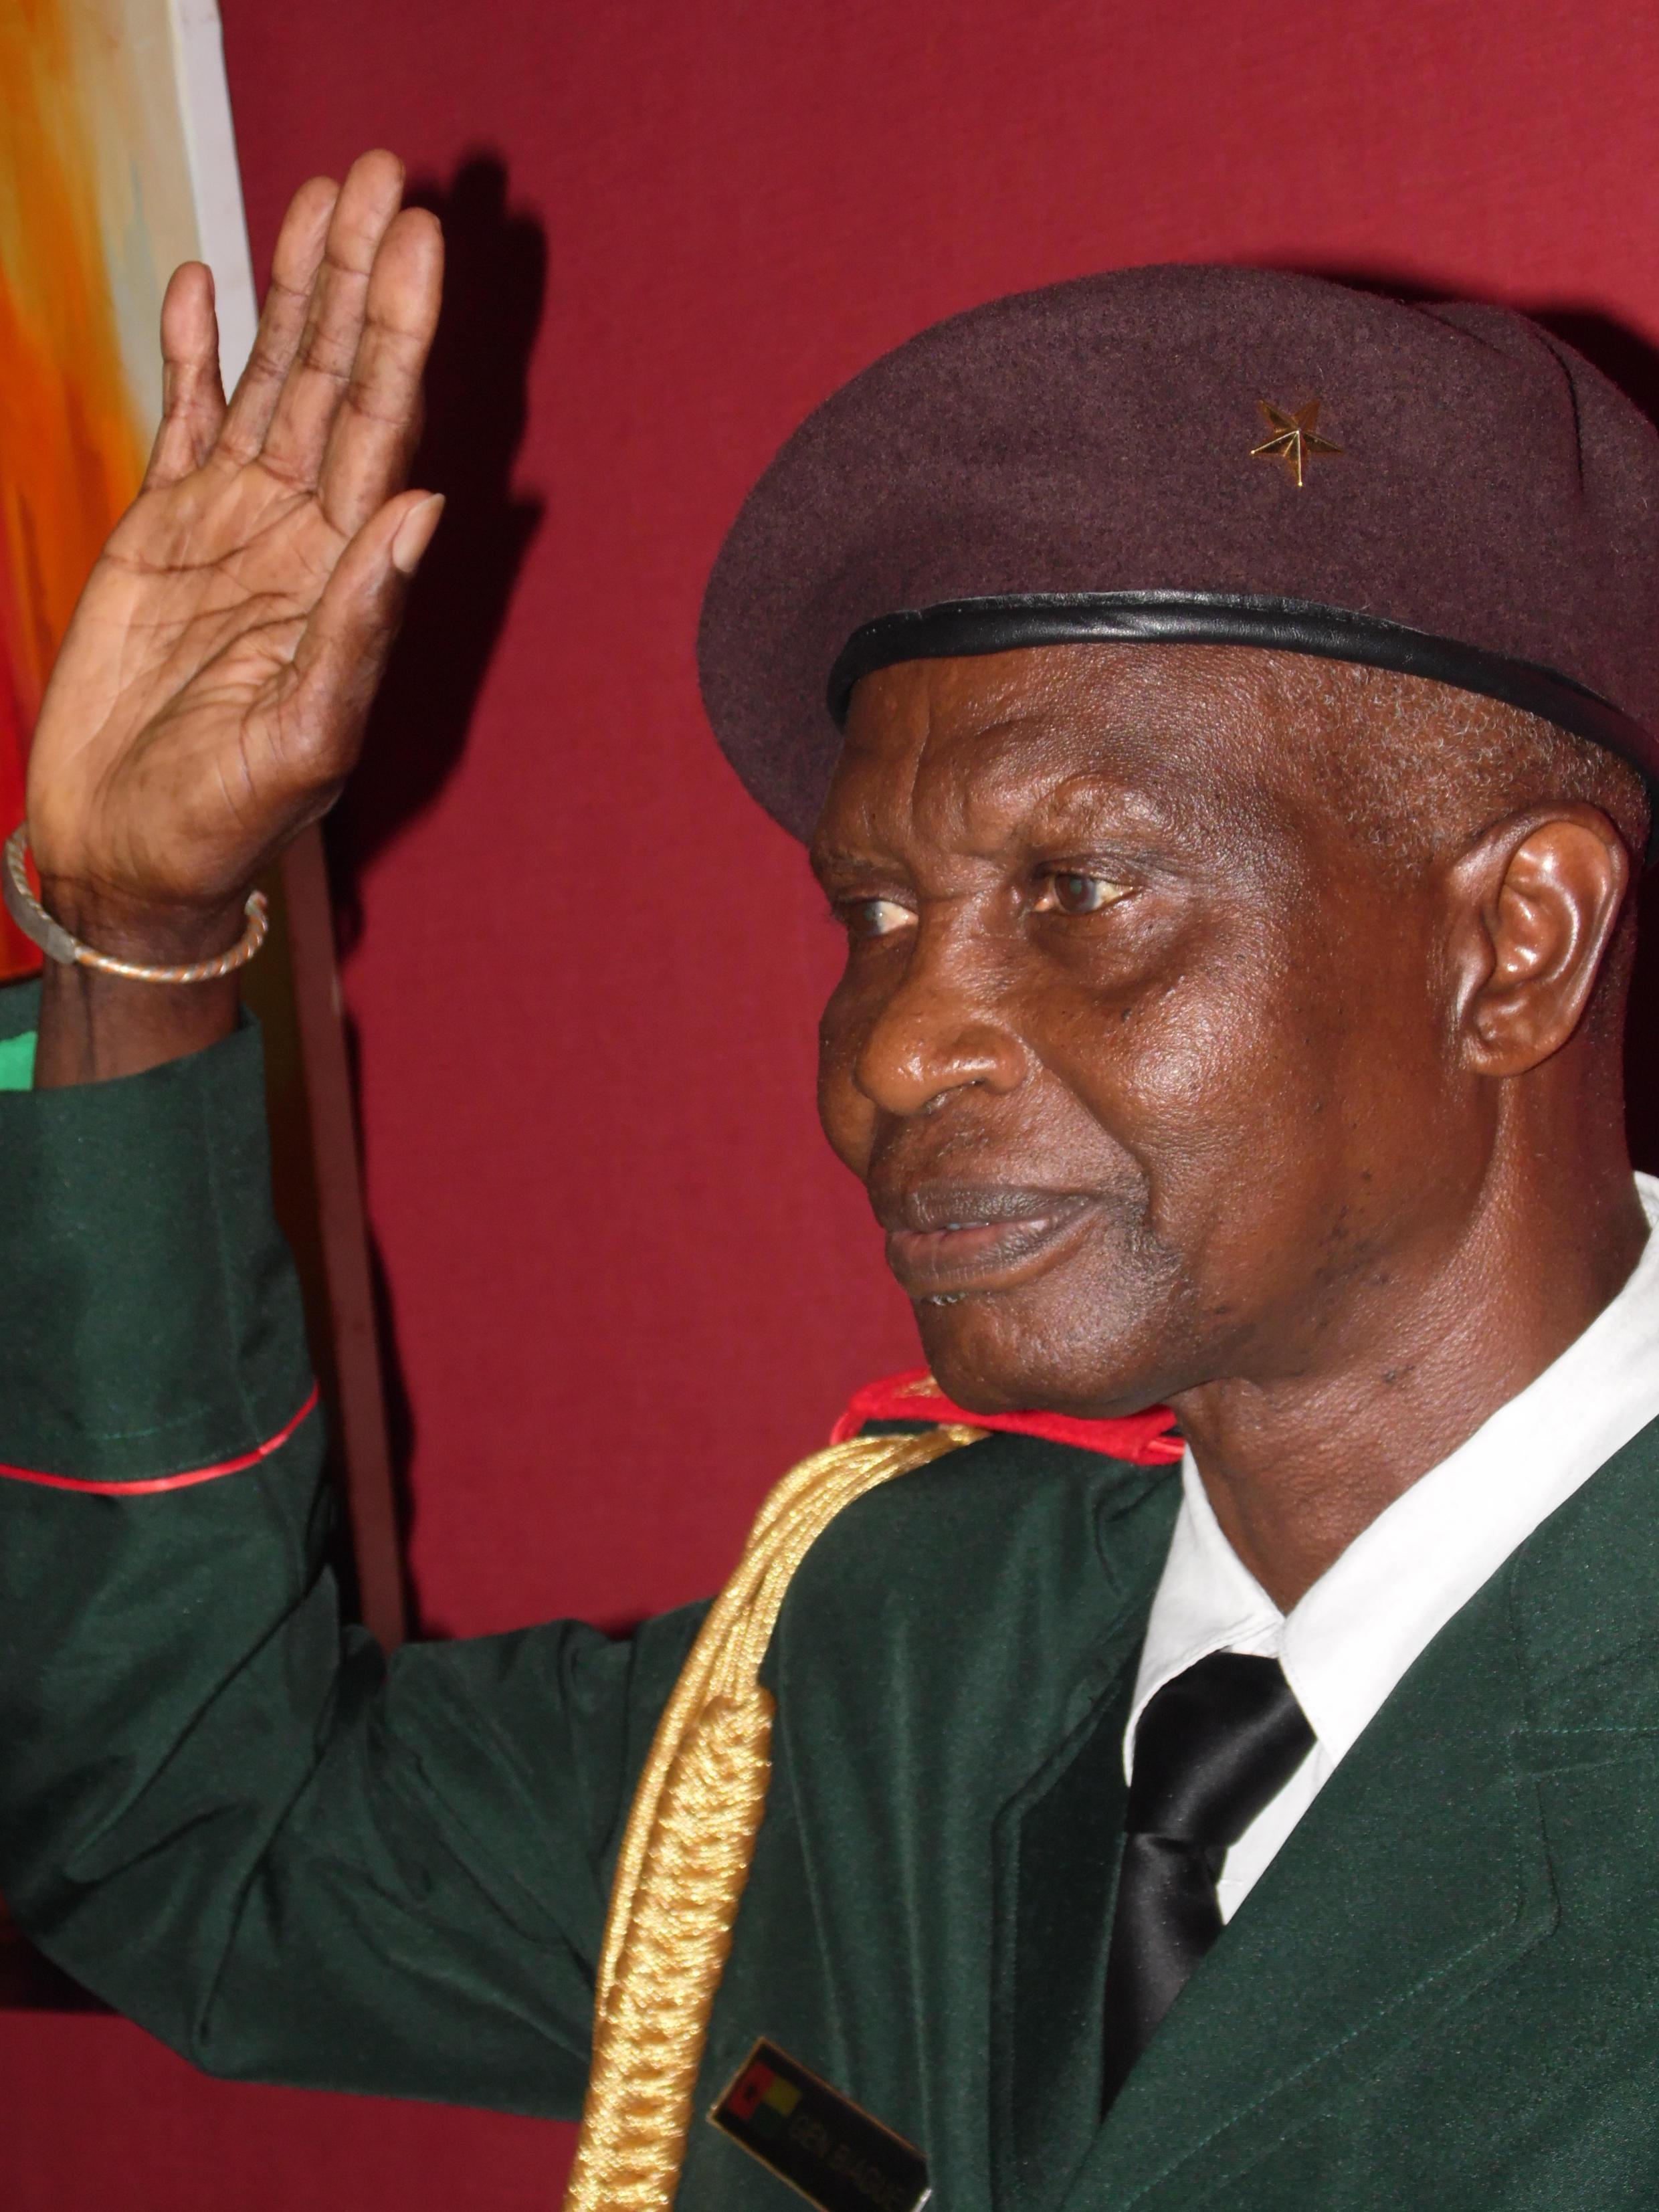 Tenente general Biaguê Na N'tan, Chefe de Estado Maior General das Forças Armadas da Guiné-Bissau.